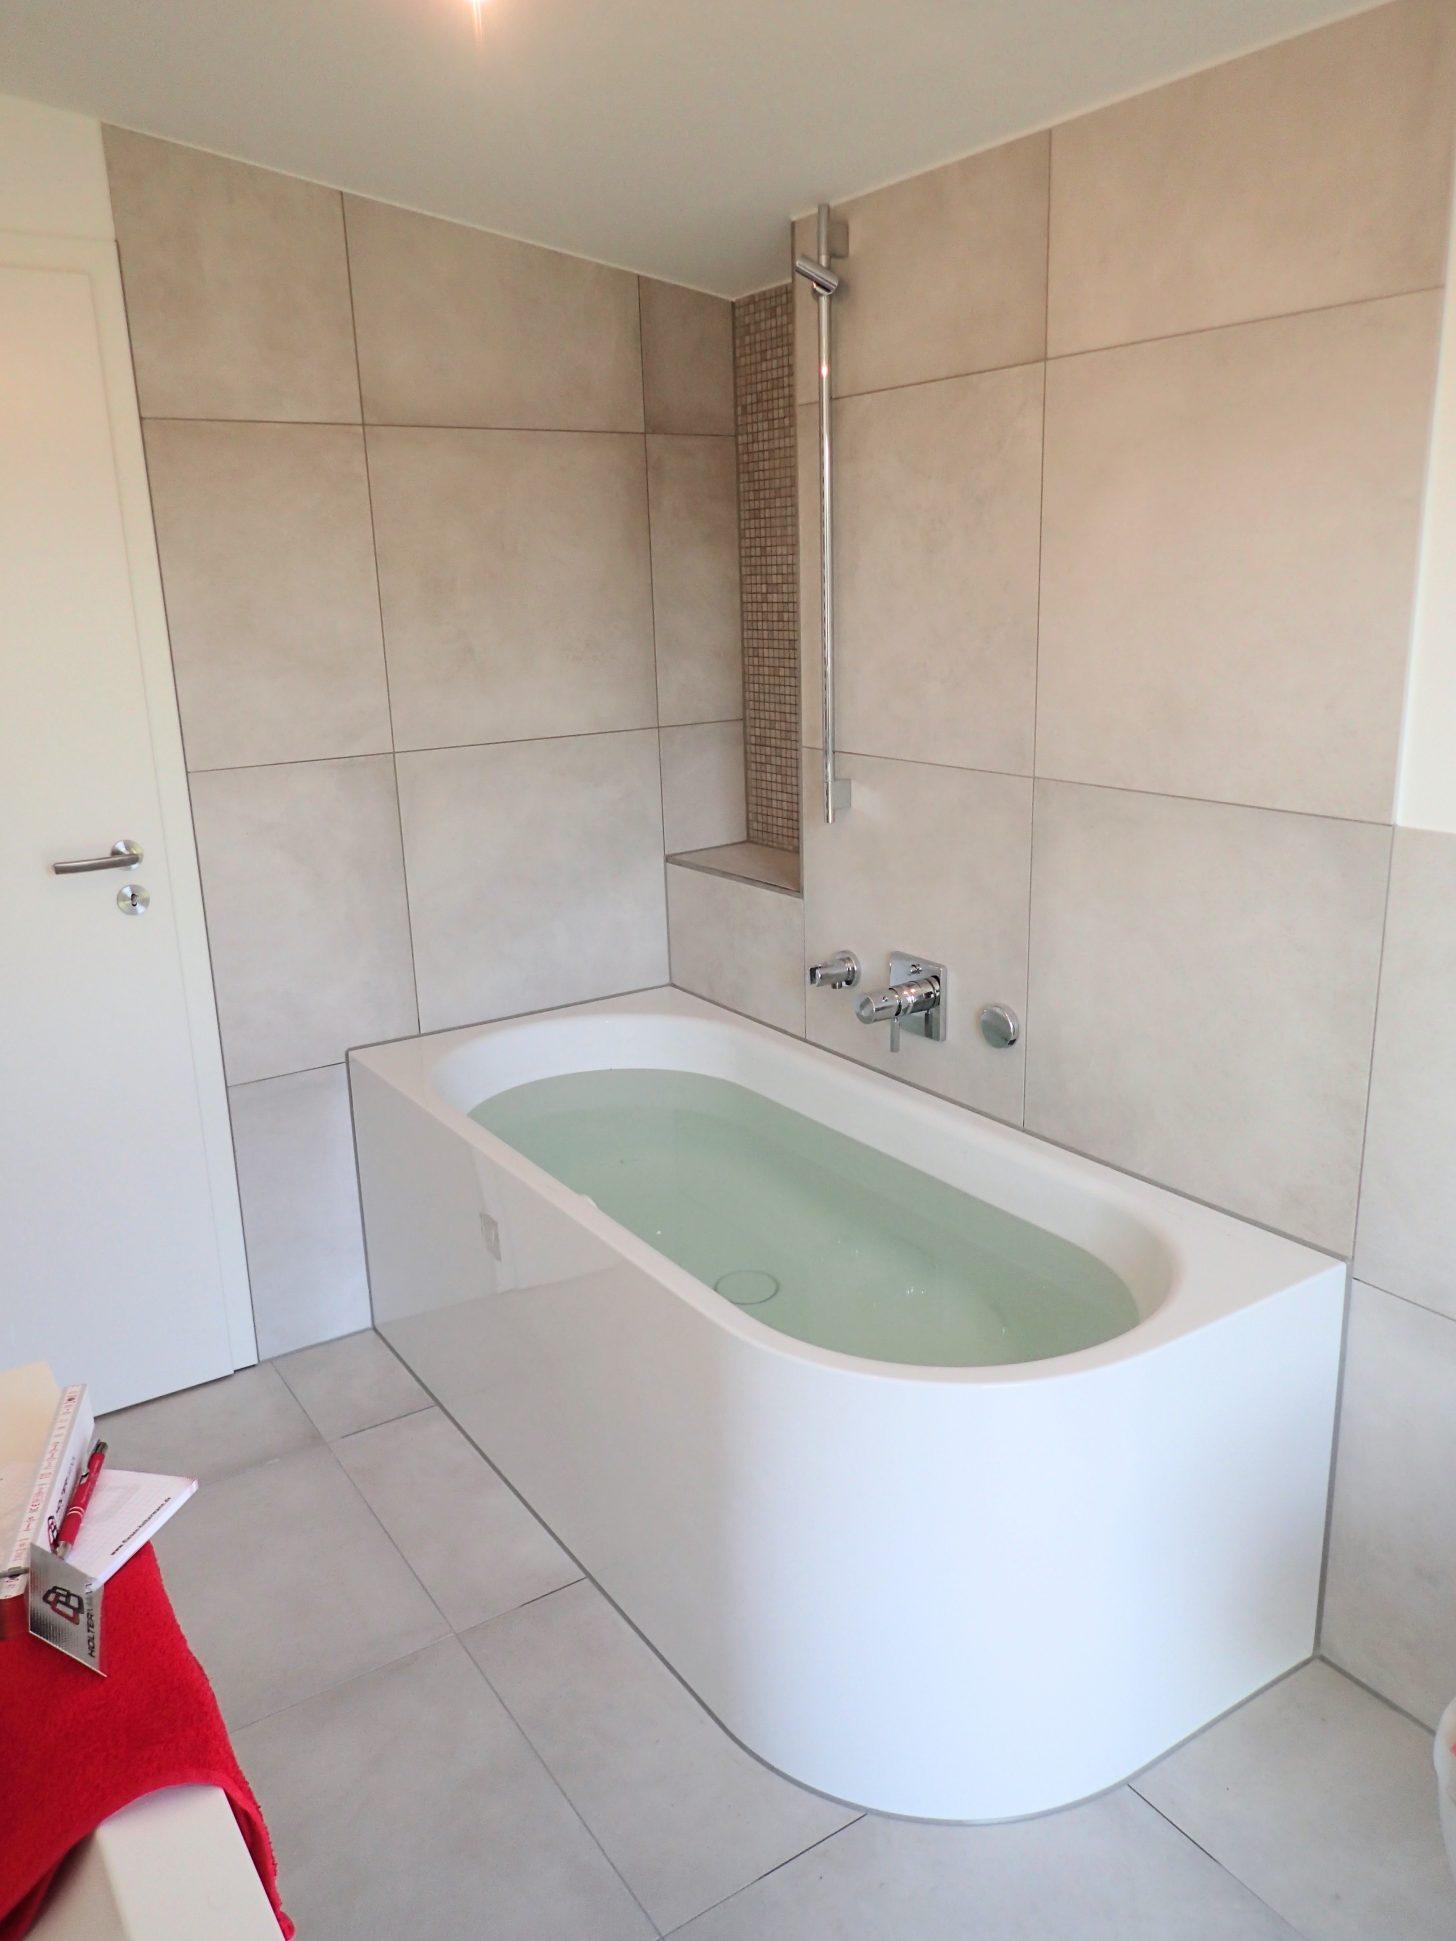 Hier ist ein helles und freundliches Badezimmer entstanden